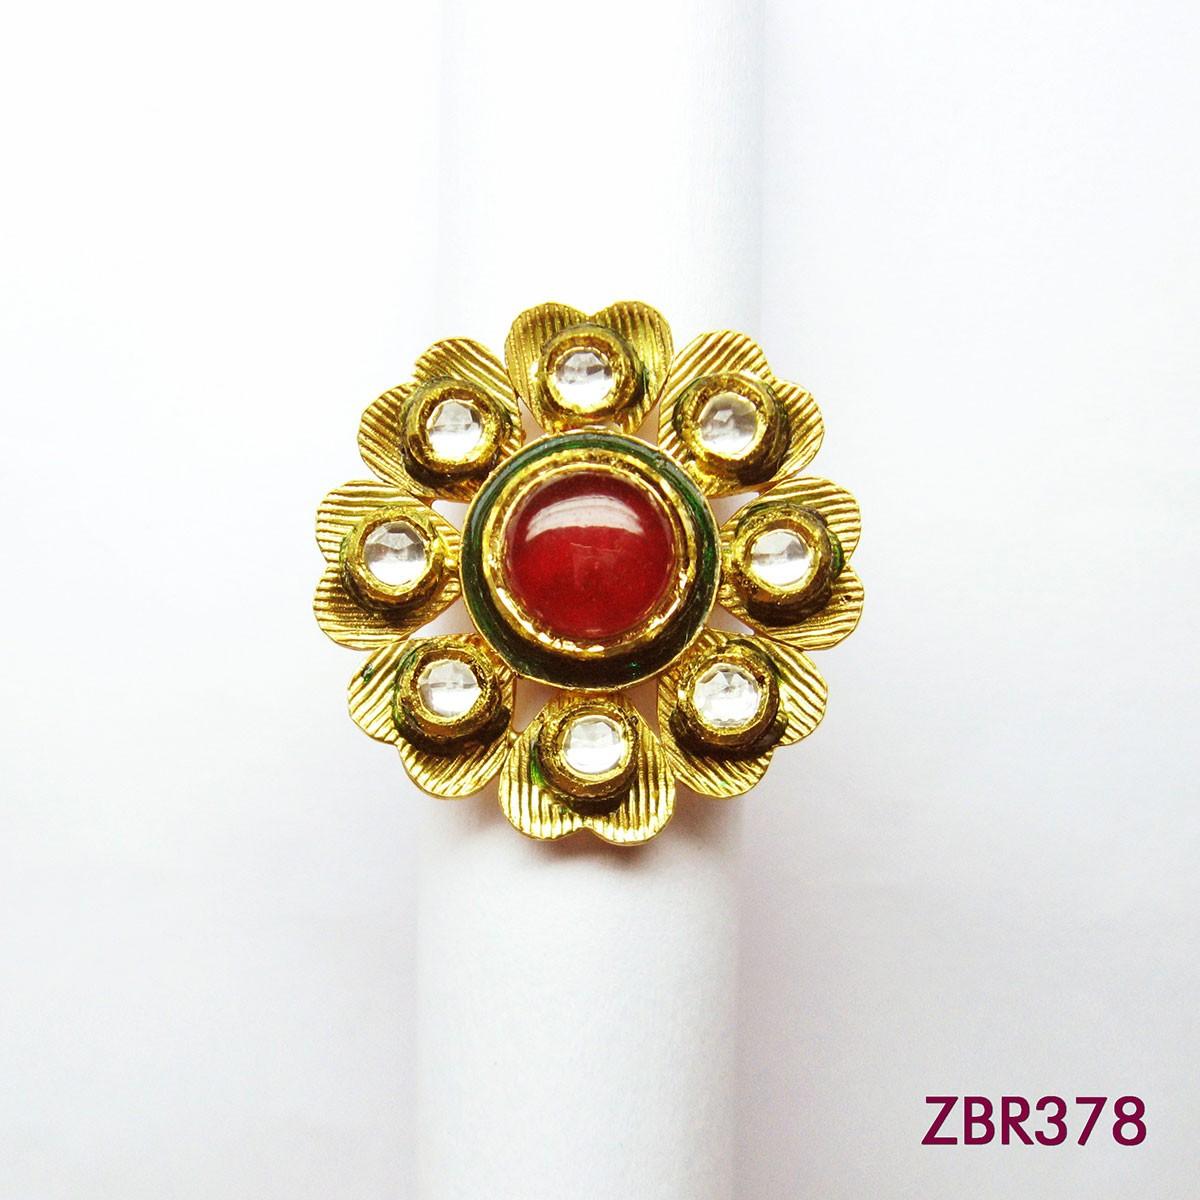 ZBR378